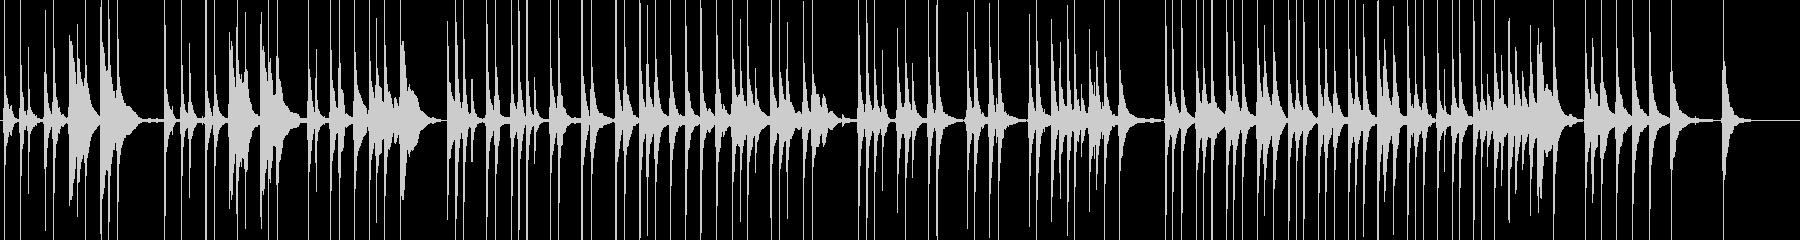 三味線177浅妻船1日本舞踊大津琵琶湖白の未再生の波形